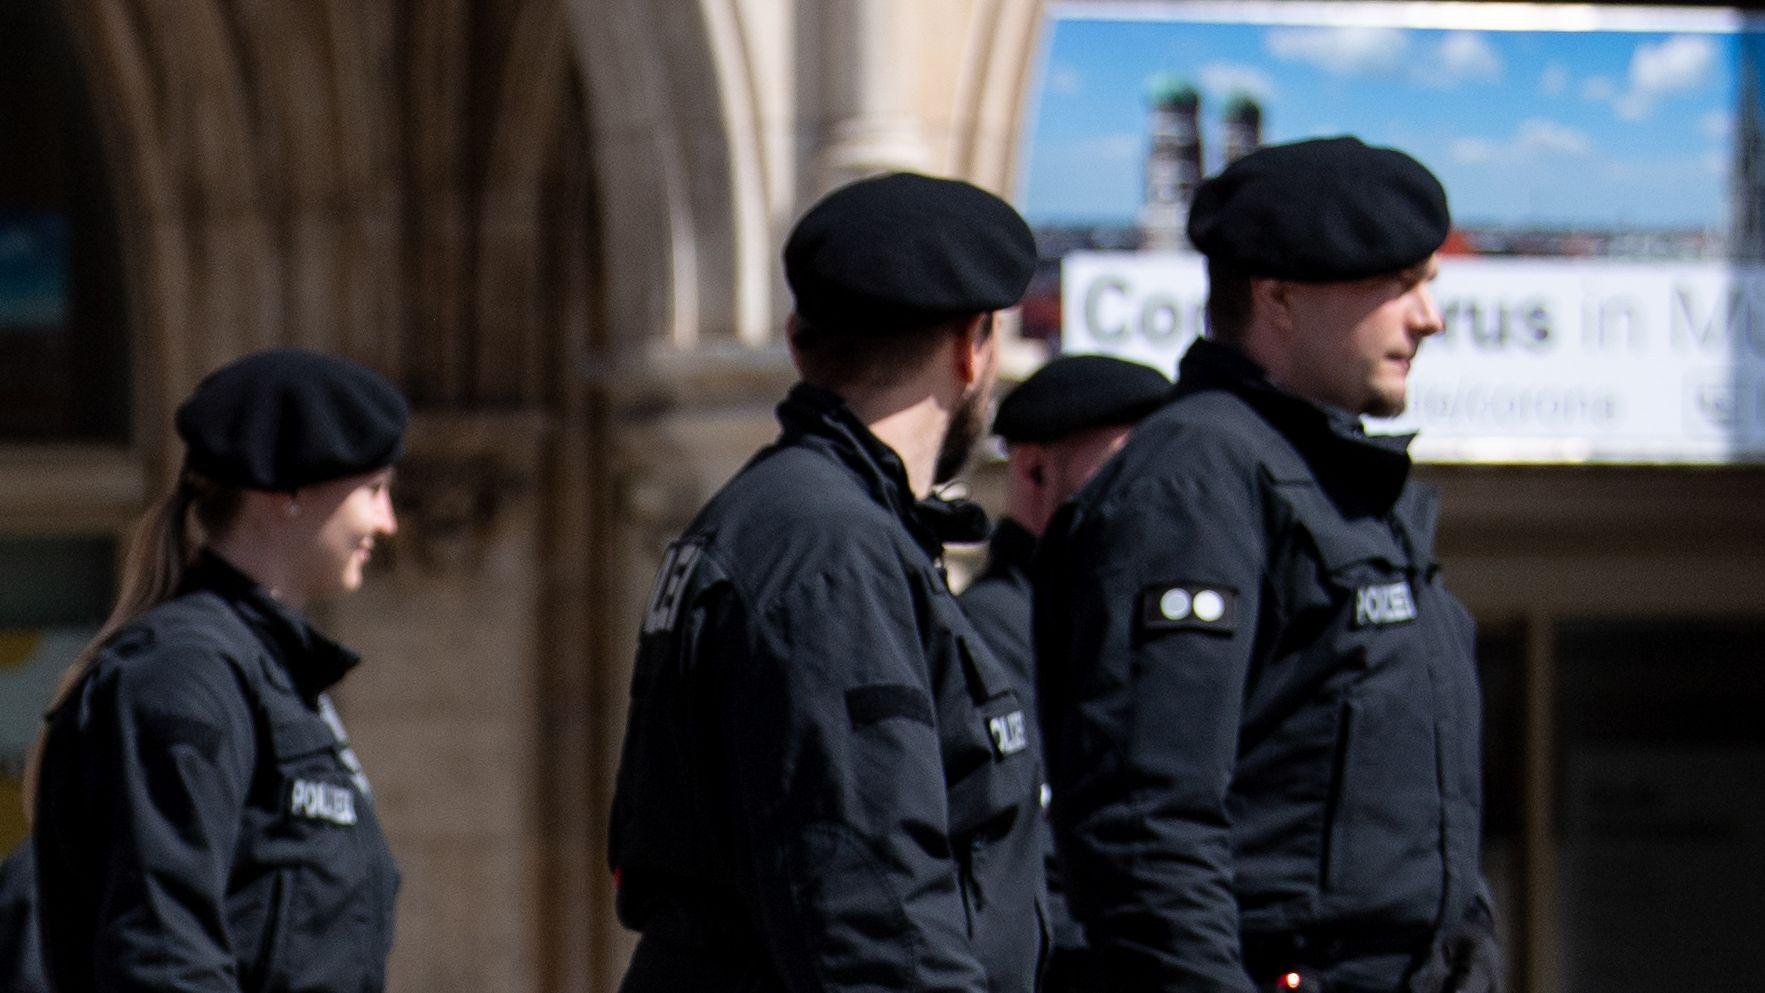 Polizisten in München im April bei einer Kundgebung